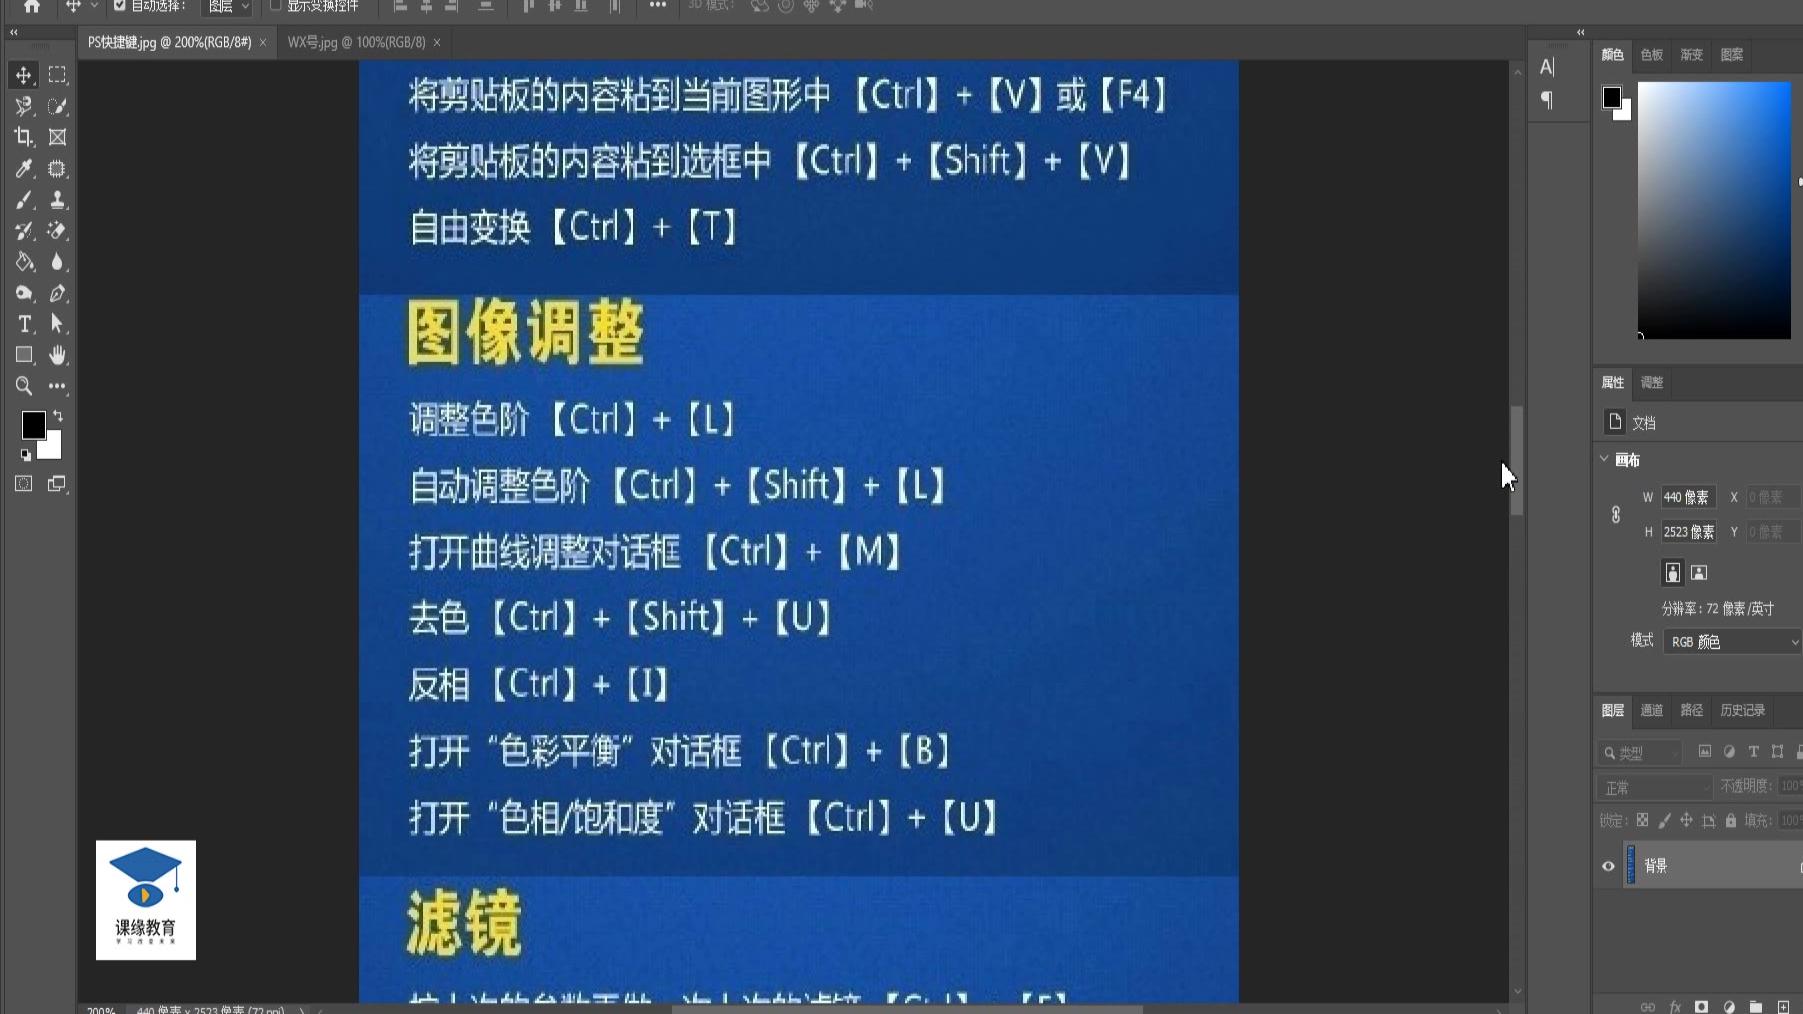 淘宝美工教程:ps快捷键讲解 PS教程 PS入门教程